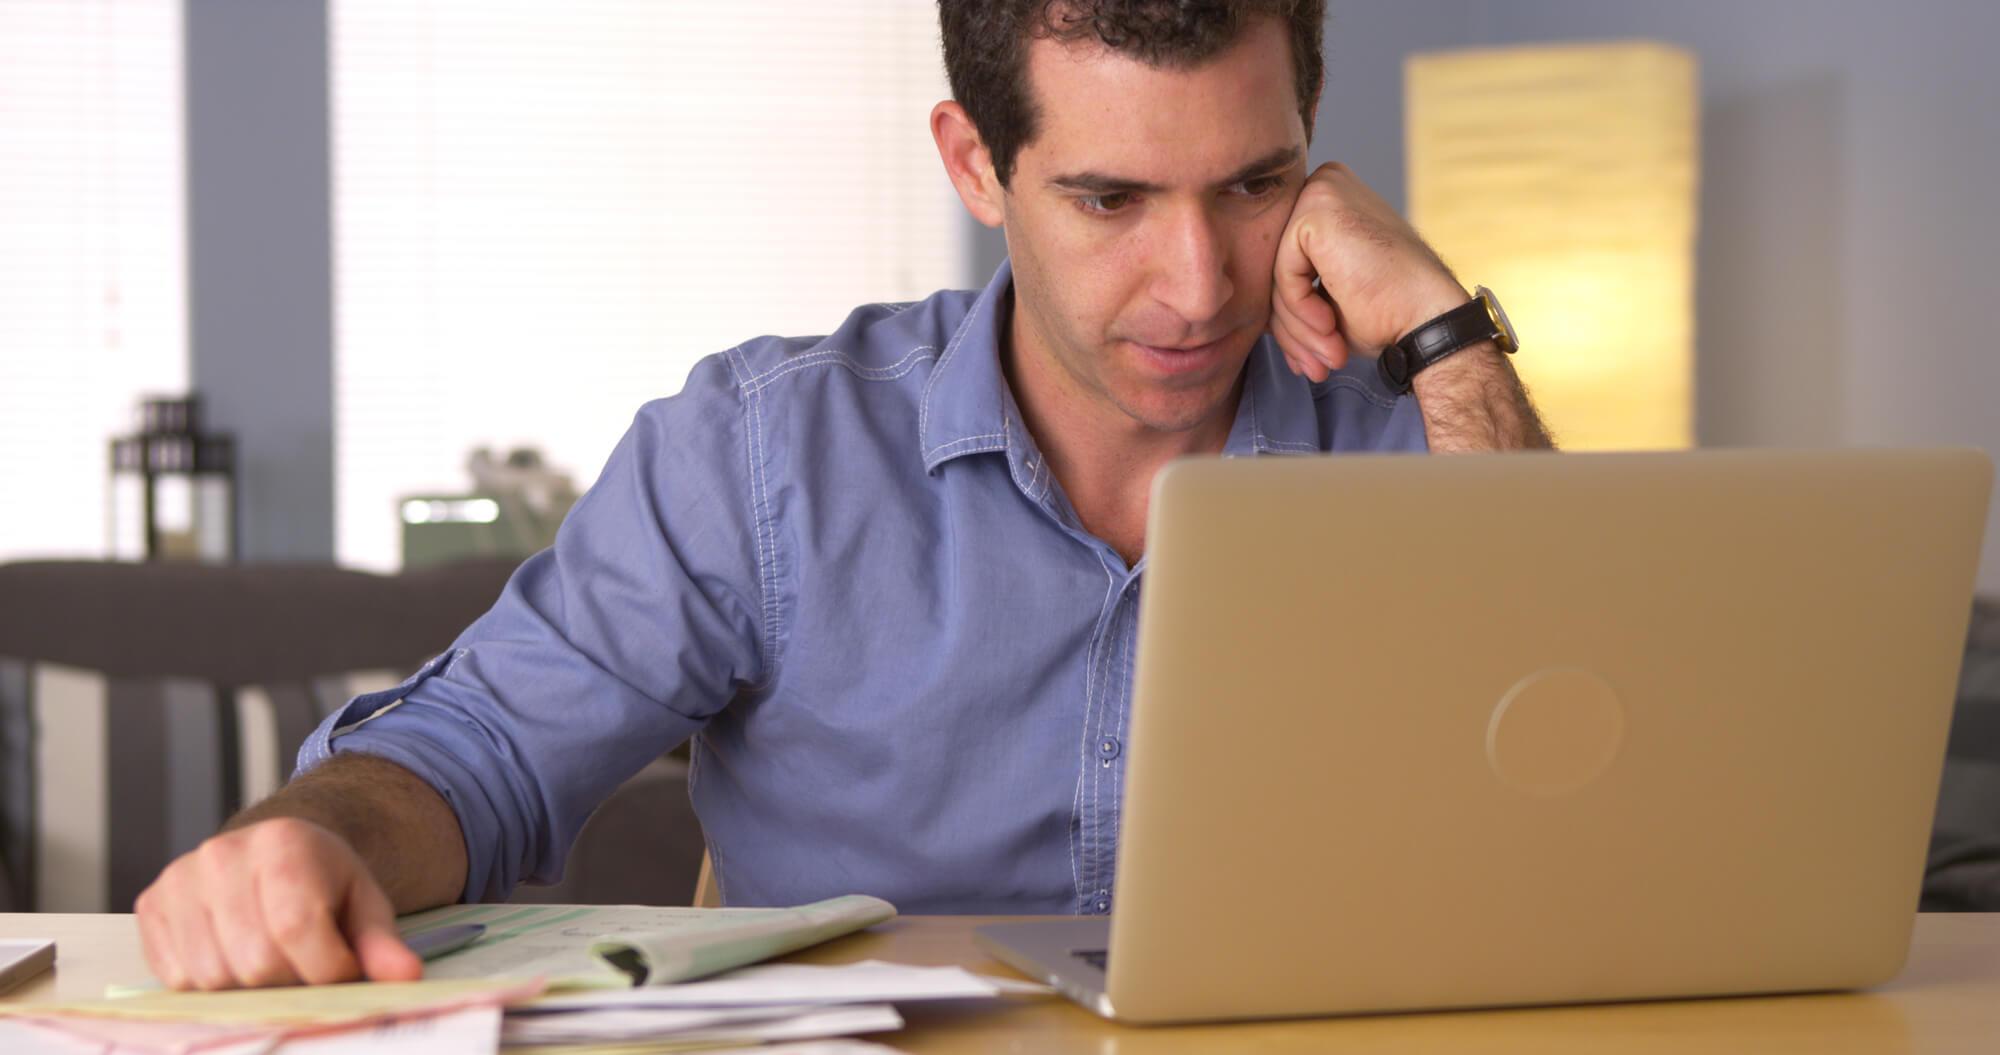 Mikrorachunek podatkowy – wszystko, co powinieneś o nim wiedzieć